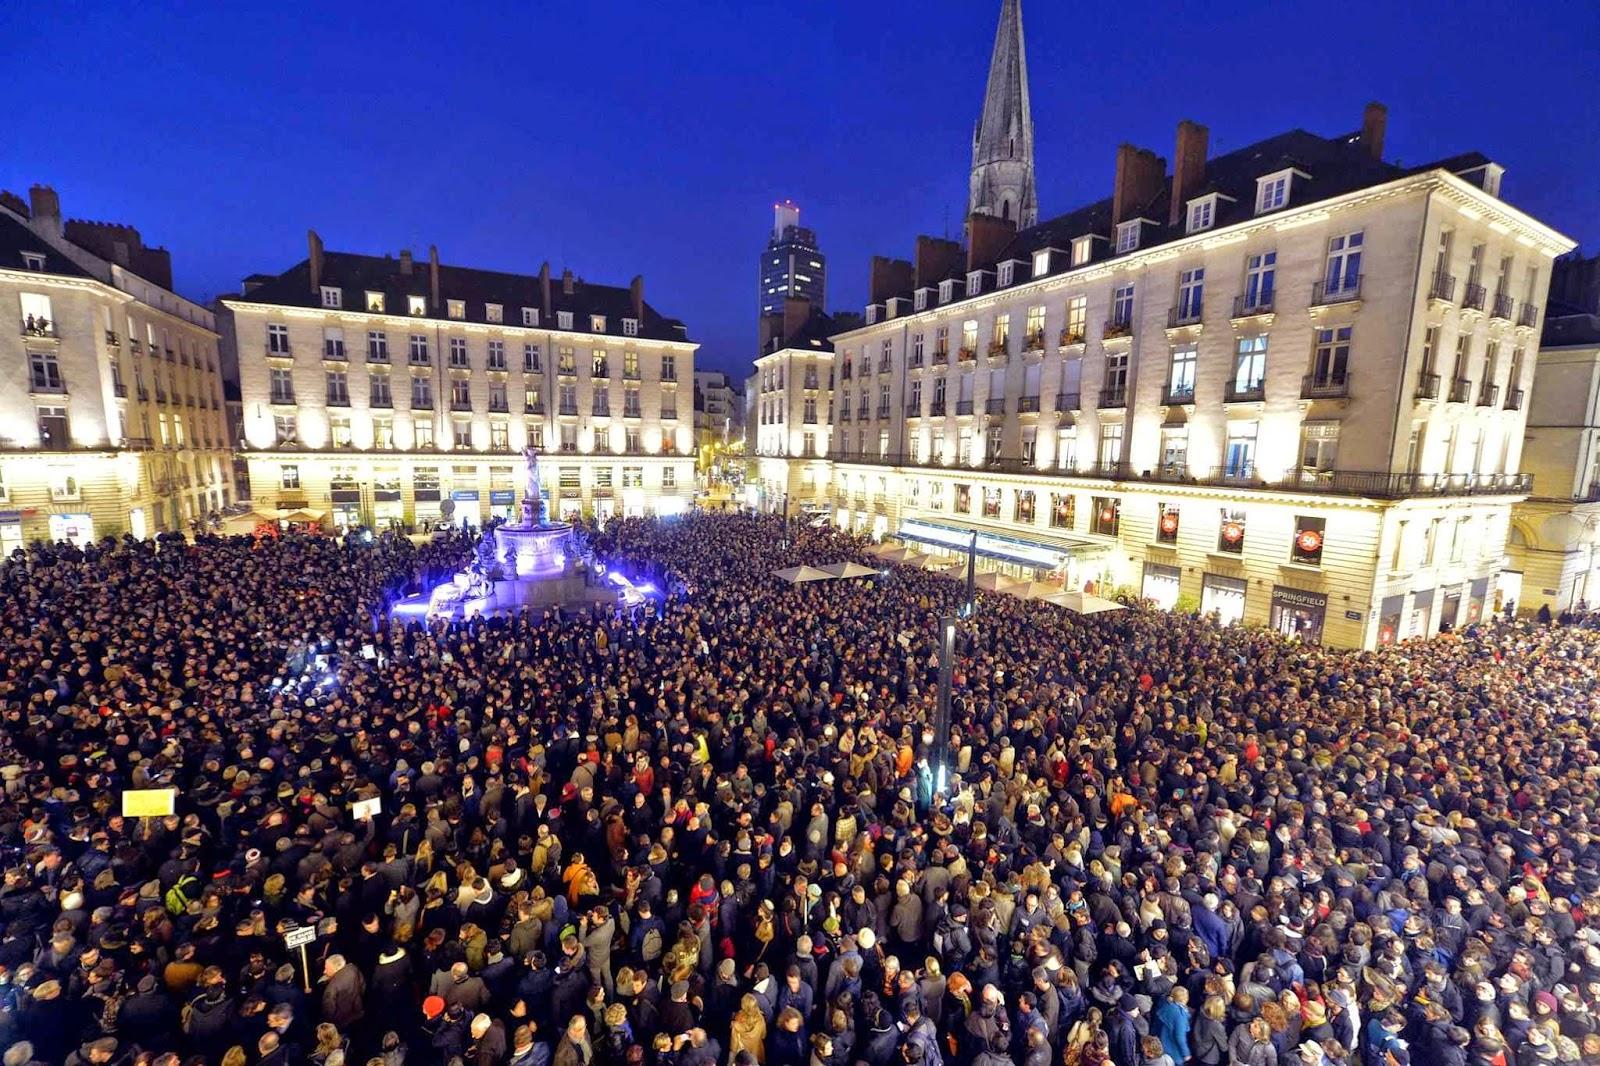 Em Paris, janeiro 2015, multidão silenciosa repudia início de guerra interna promovida pelo Islã